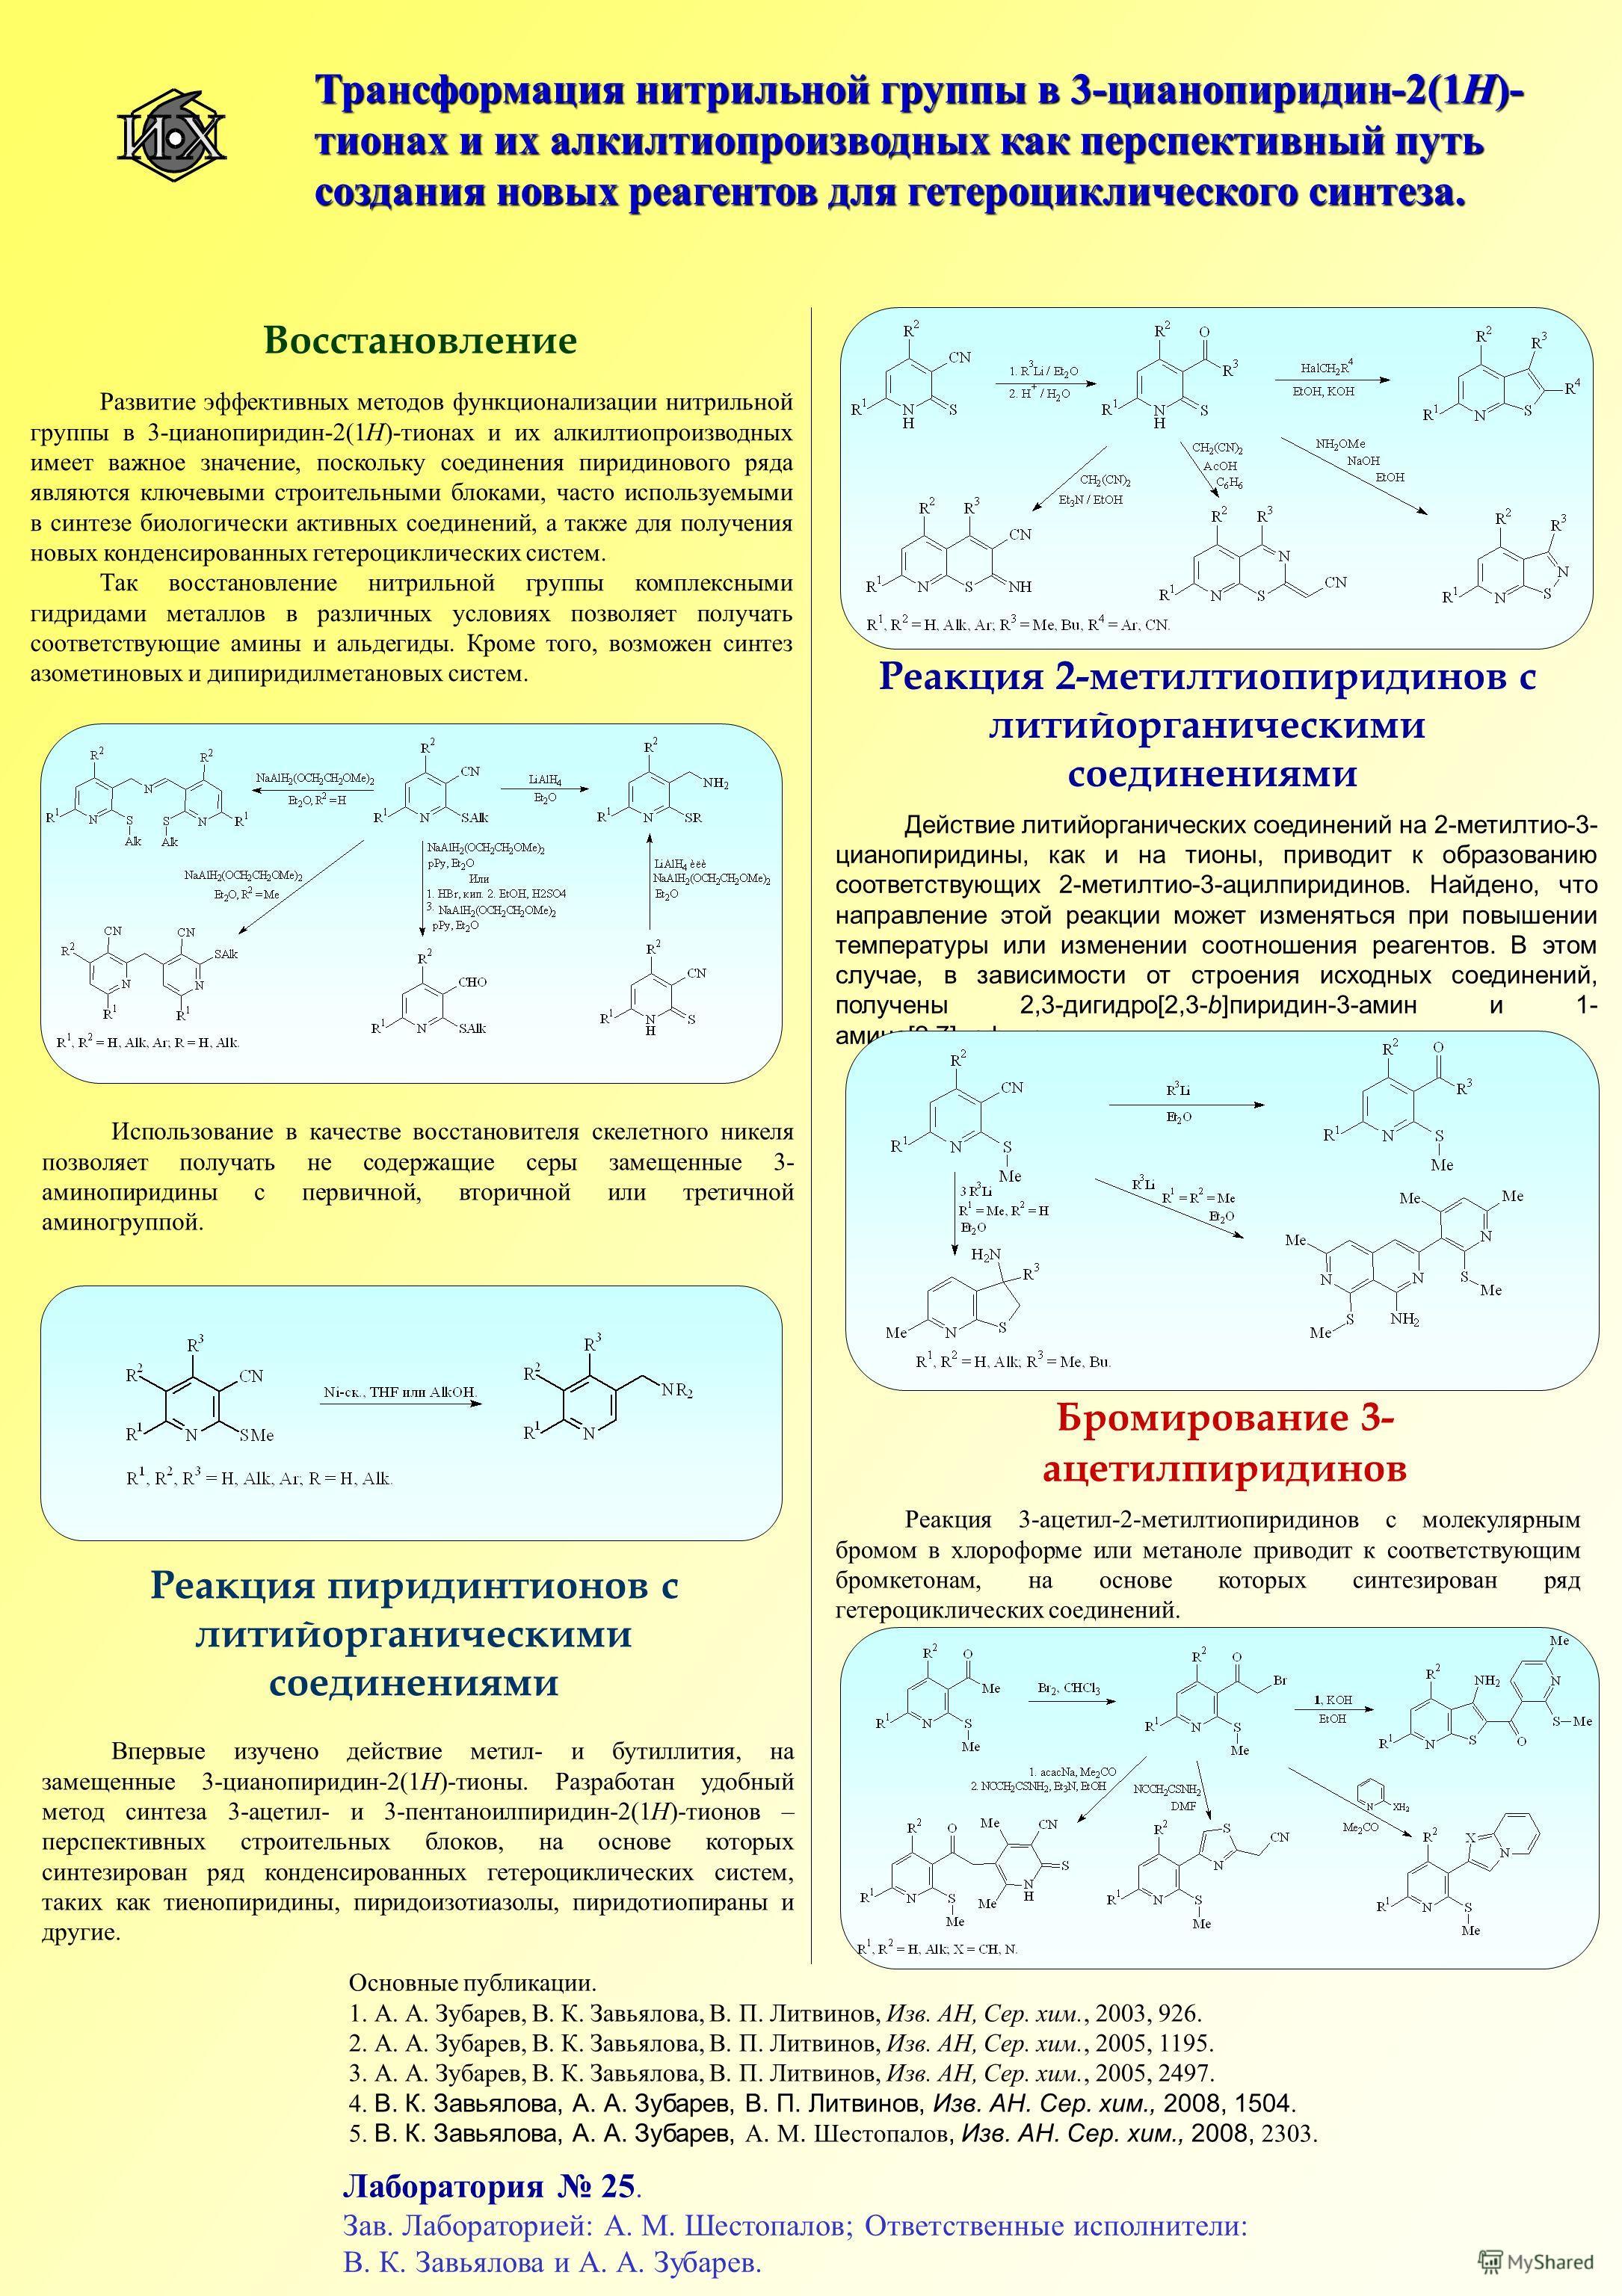 Трансформация нитрильной группы в 3-цианопиридин-2(1H)- тионах и их алкилтиопроизводных как перспективный путь создания новых реагентов для гетероциклического синтеза. Восстановление Впервые изучено действие метил- и бутиллития, на замещенные 3-циано